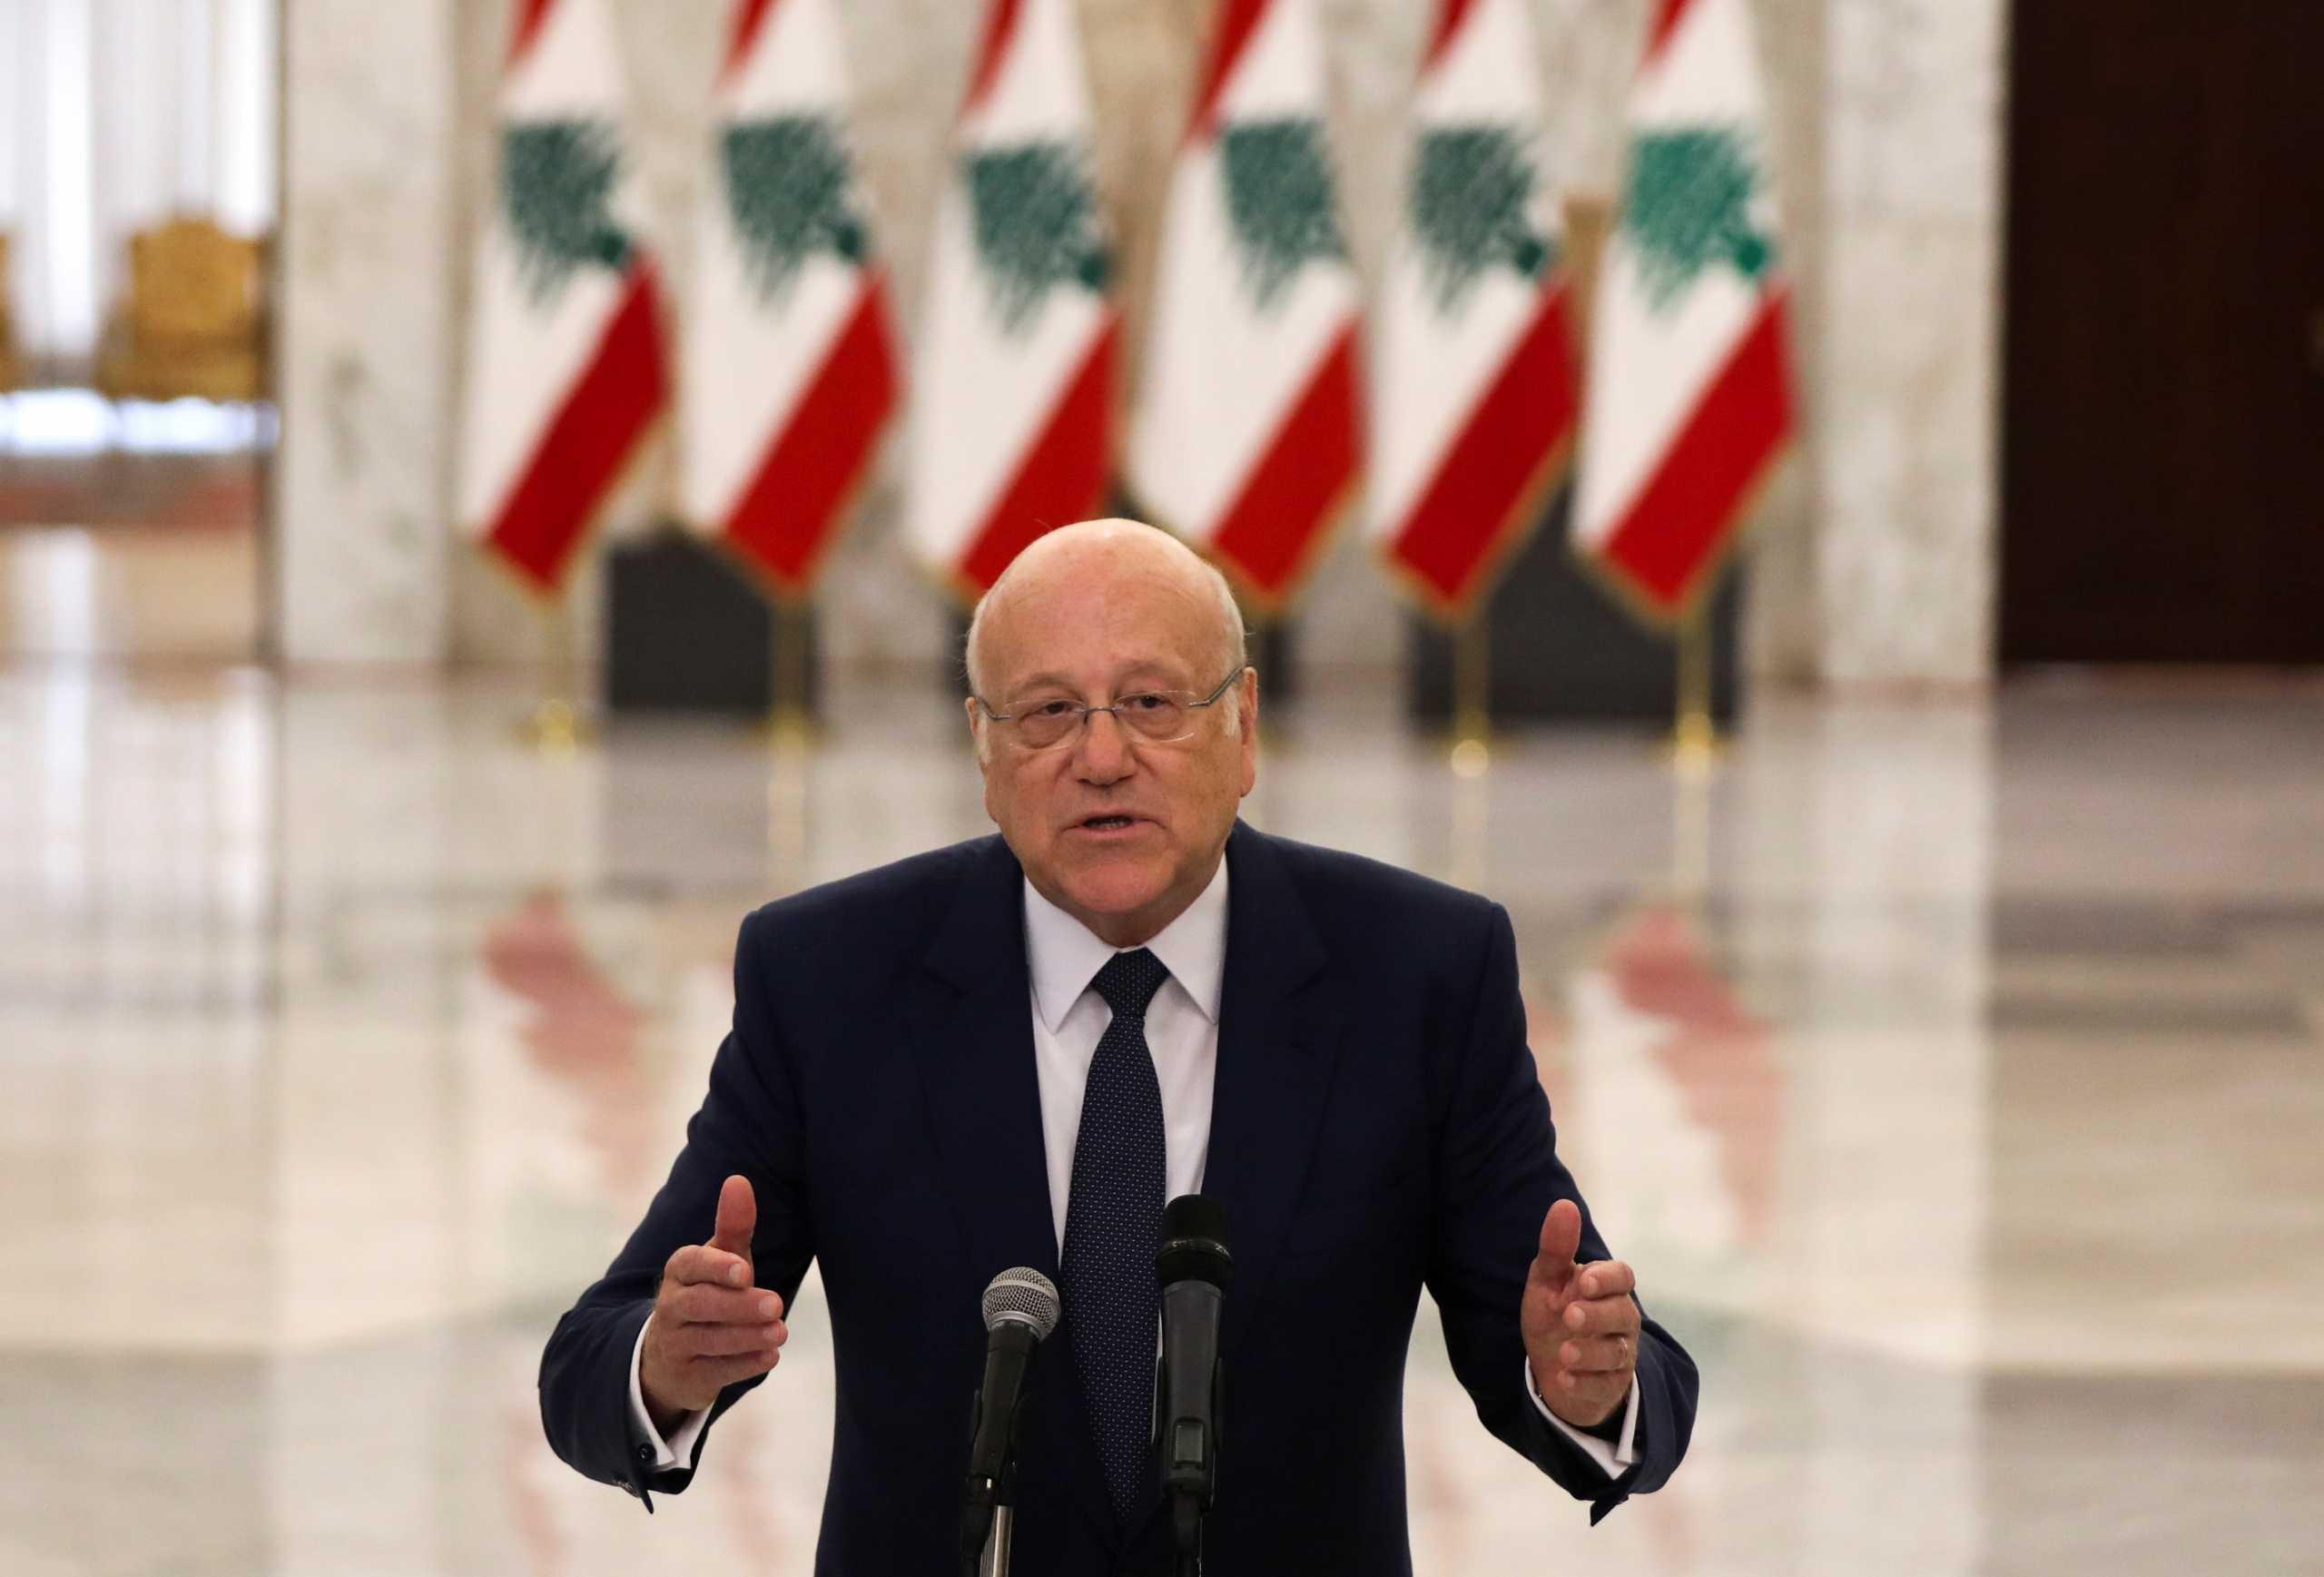 Λίβανος: Ο επιχειρηματίας Νατζίμπ Μικάτι έλαβε εντολή σχηματισμού κυβέρνησης